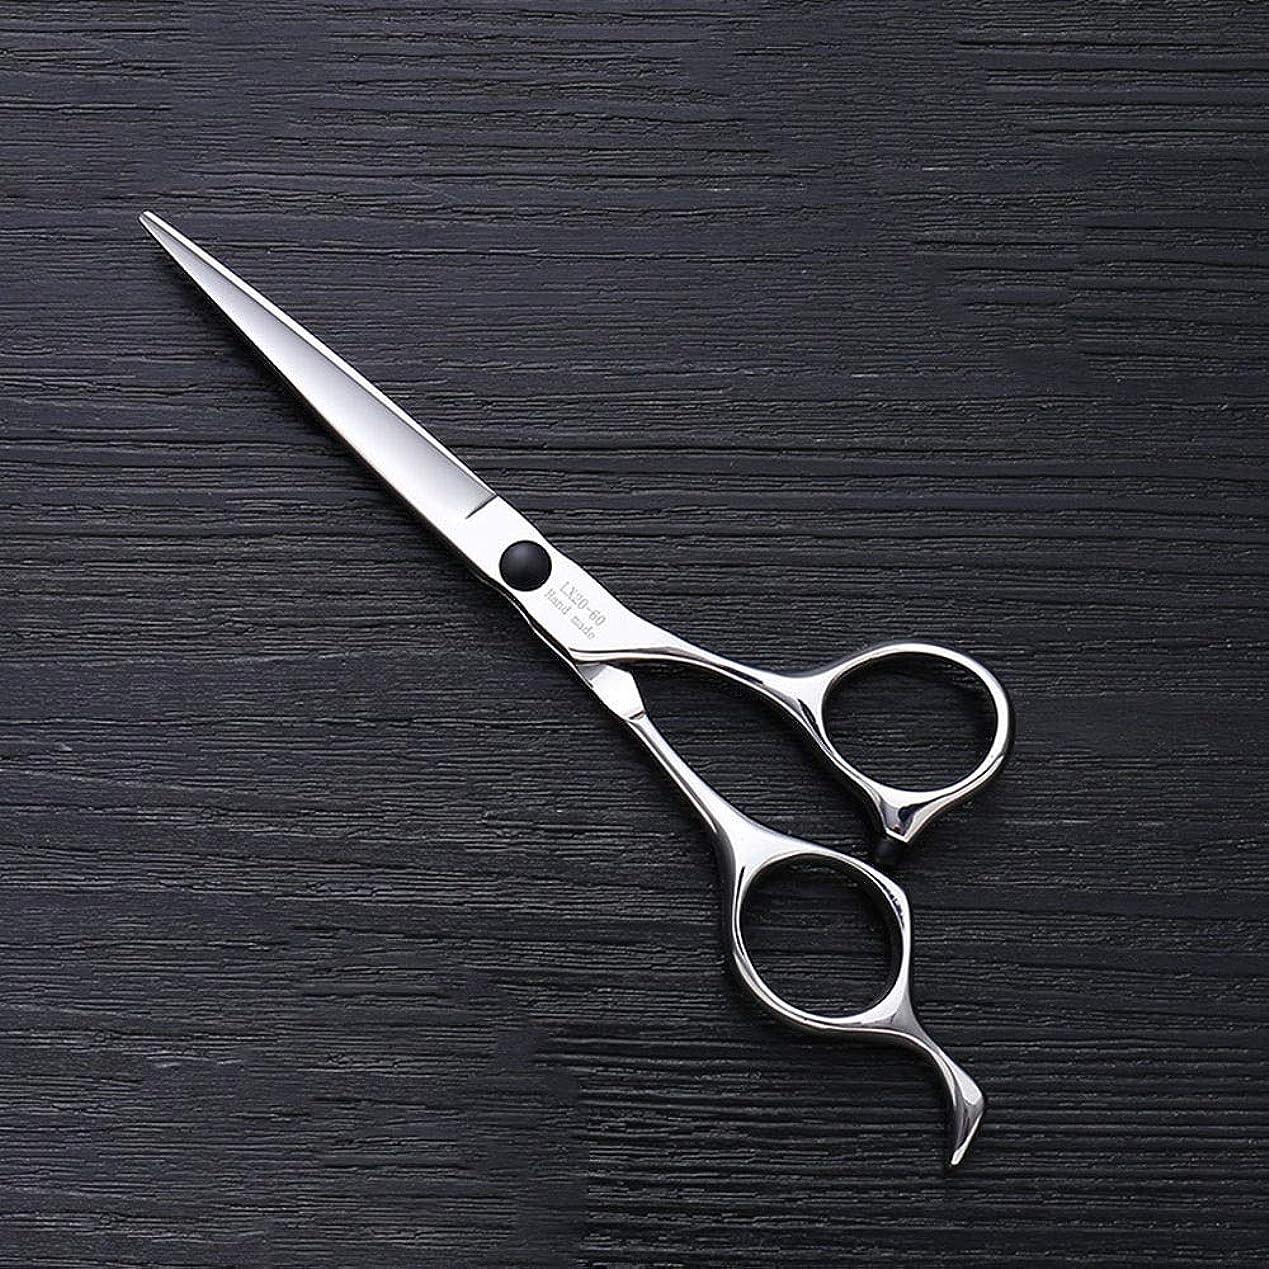 折り目レンジ苦悩理髪用はさみ 6インチハイエンドステンレススチールバリカン、ヘアスタイリスト特別なヘアカットツールヘアカット鋏ステンレス理髪はさみ (色 : Silver)